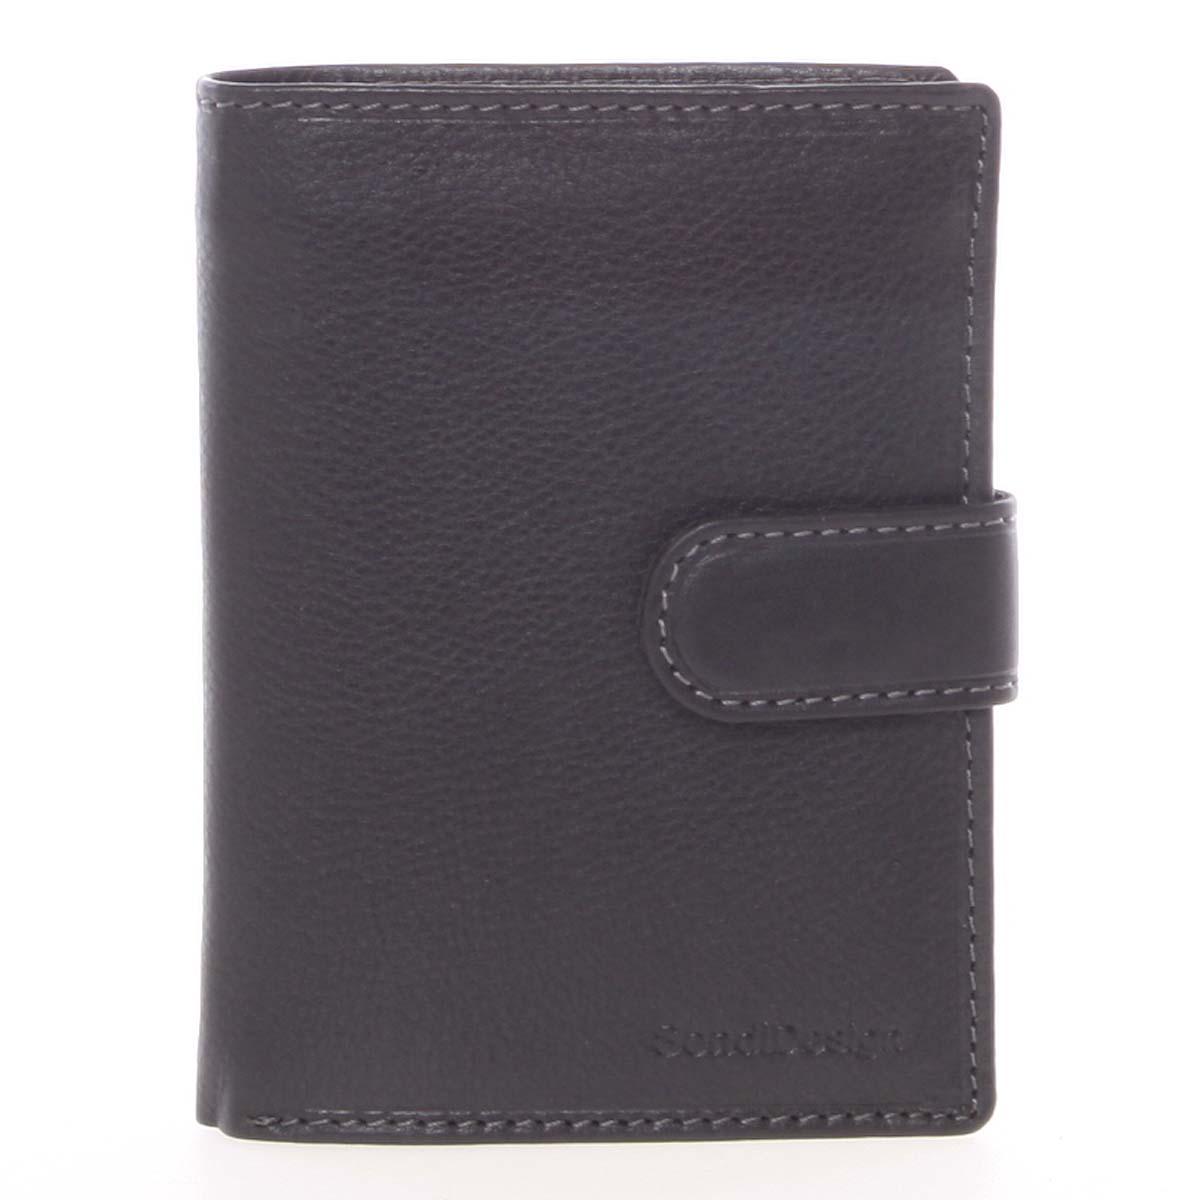 Čierna pánska kožená peňaženka - SendiDesign Sampson